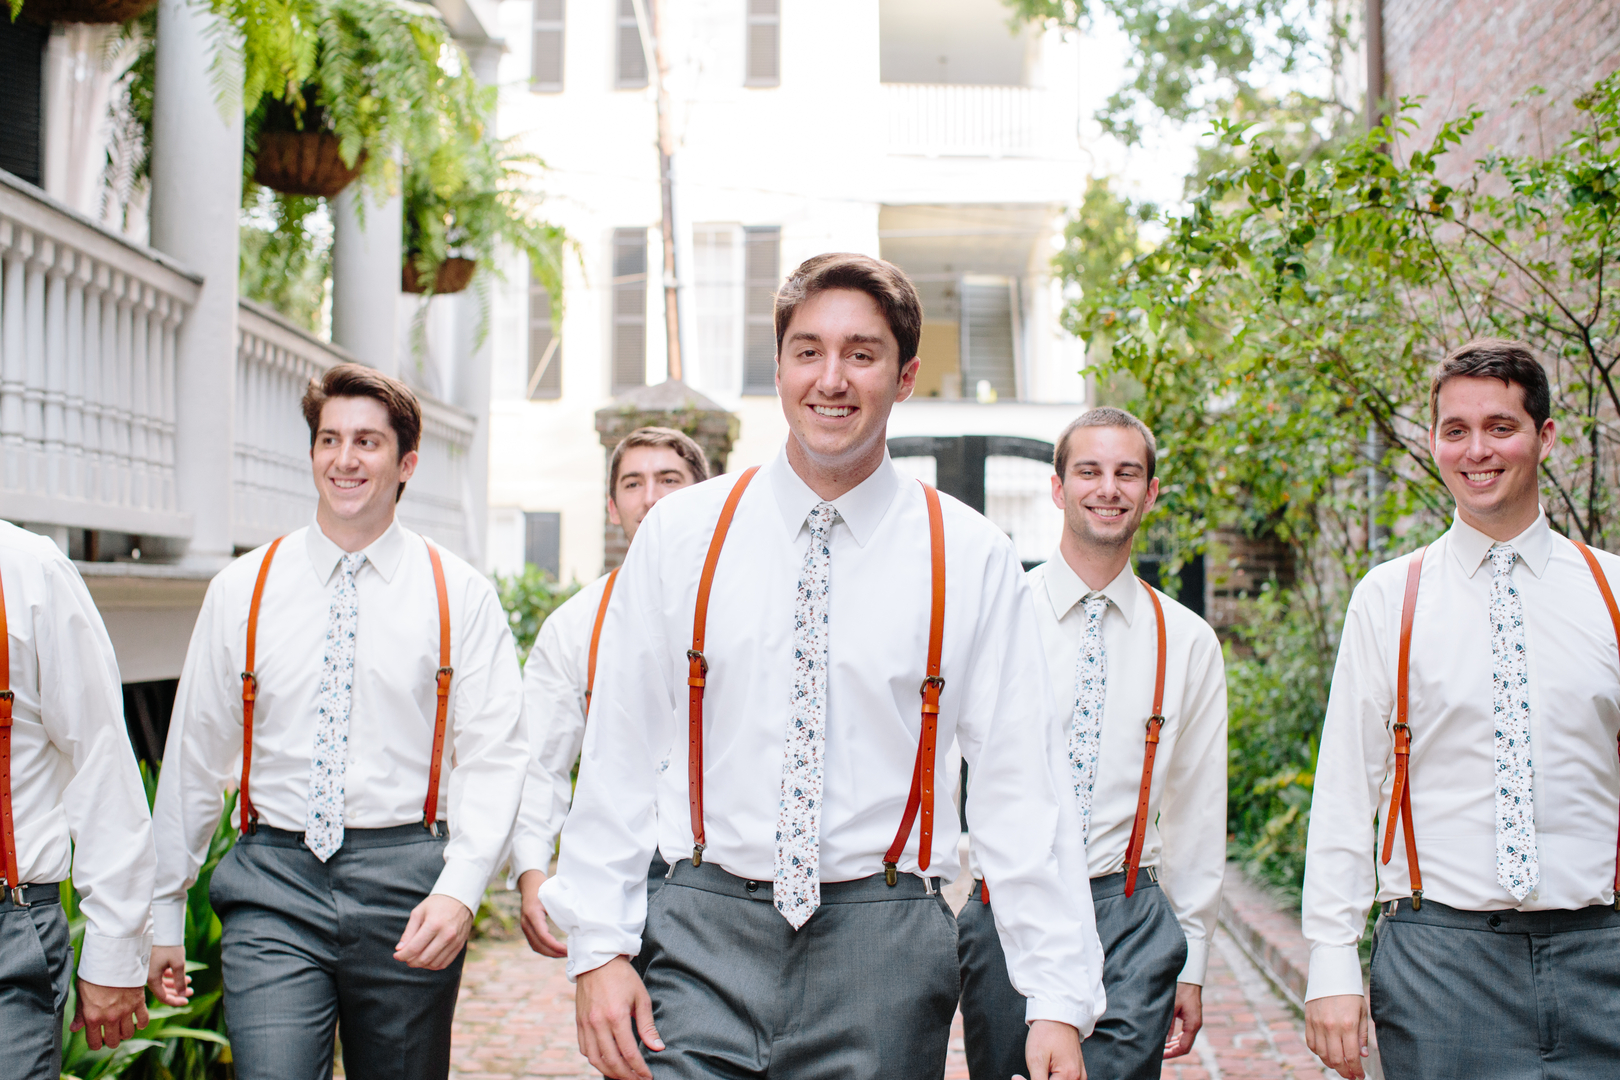 dunes-west-golf-club-wedding-21.jpg